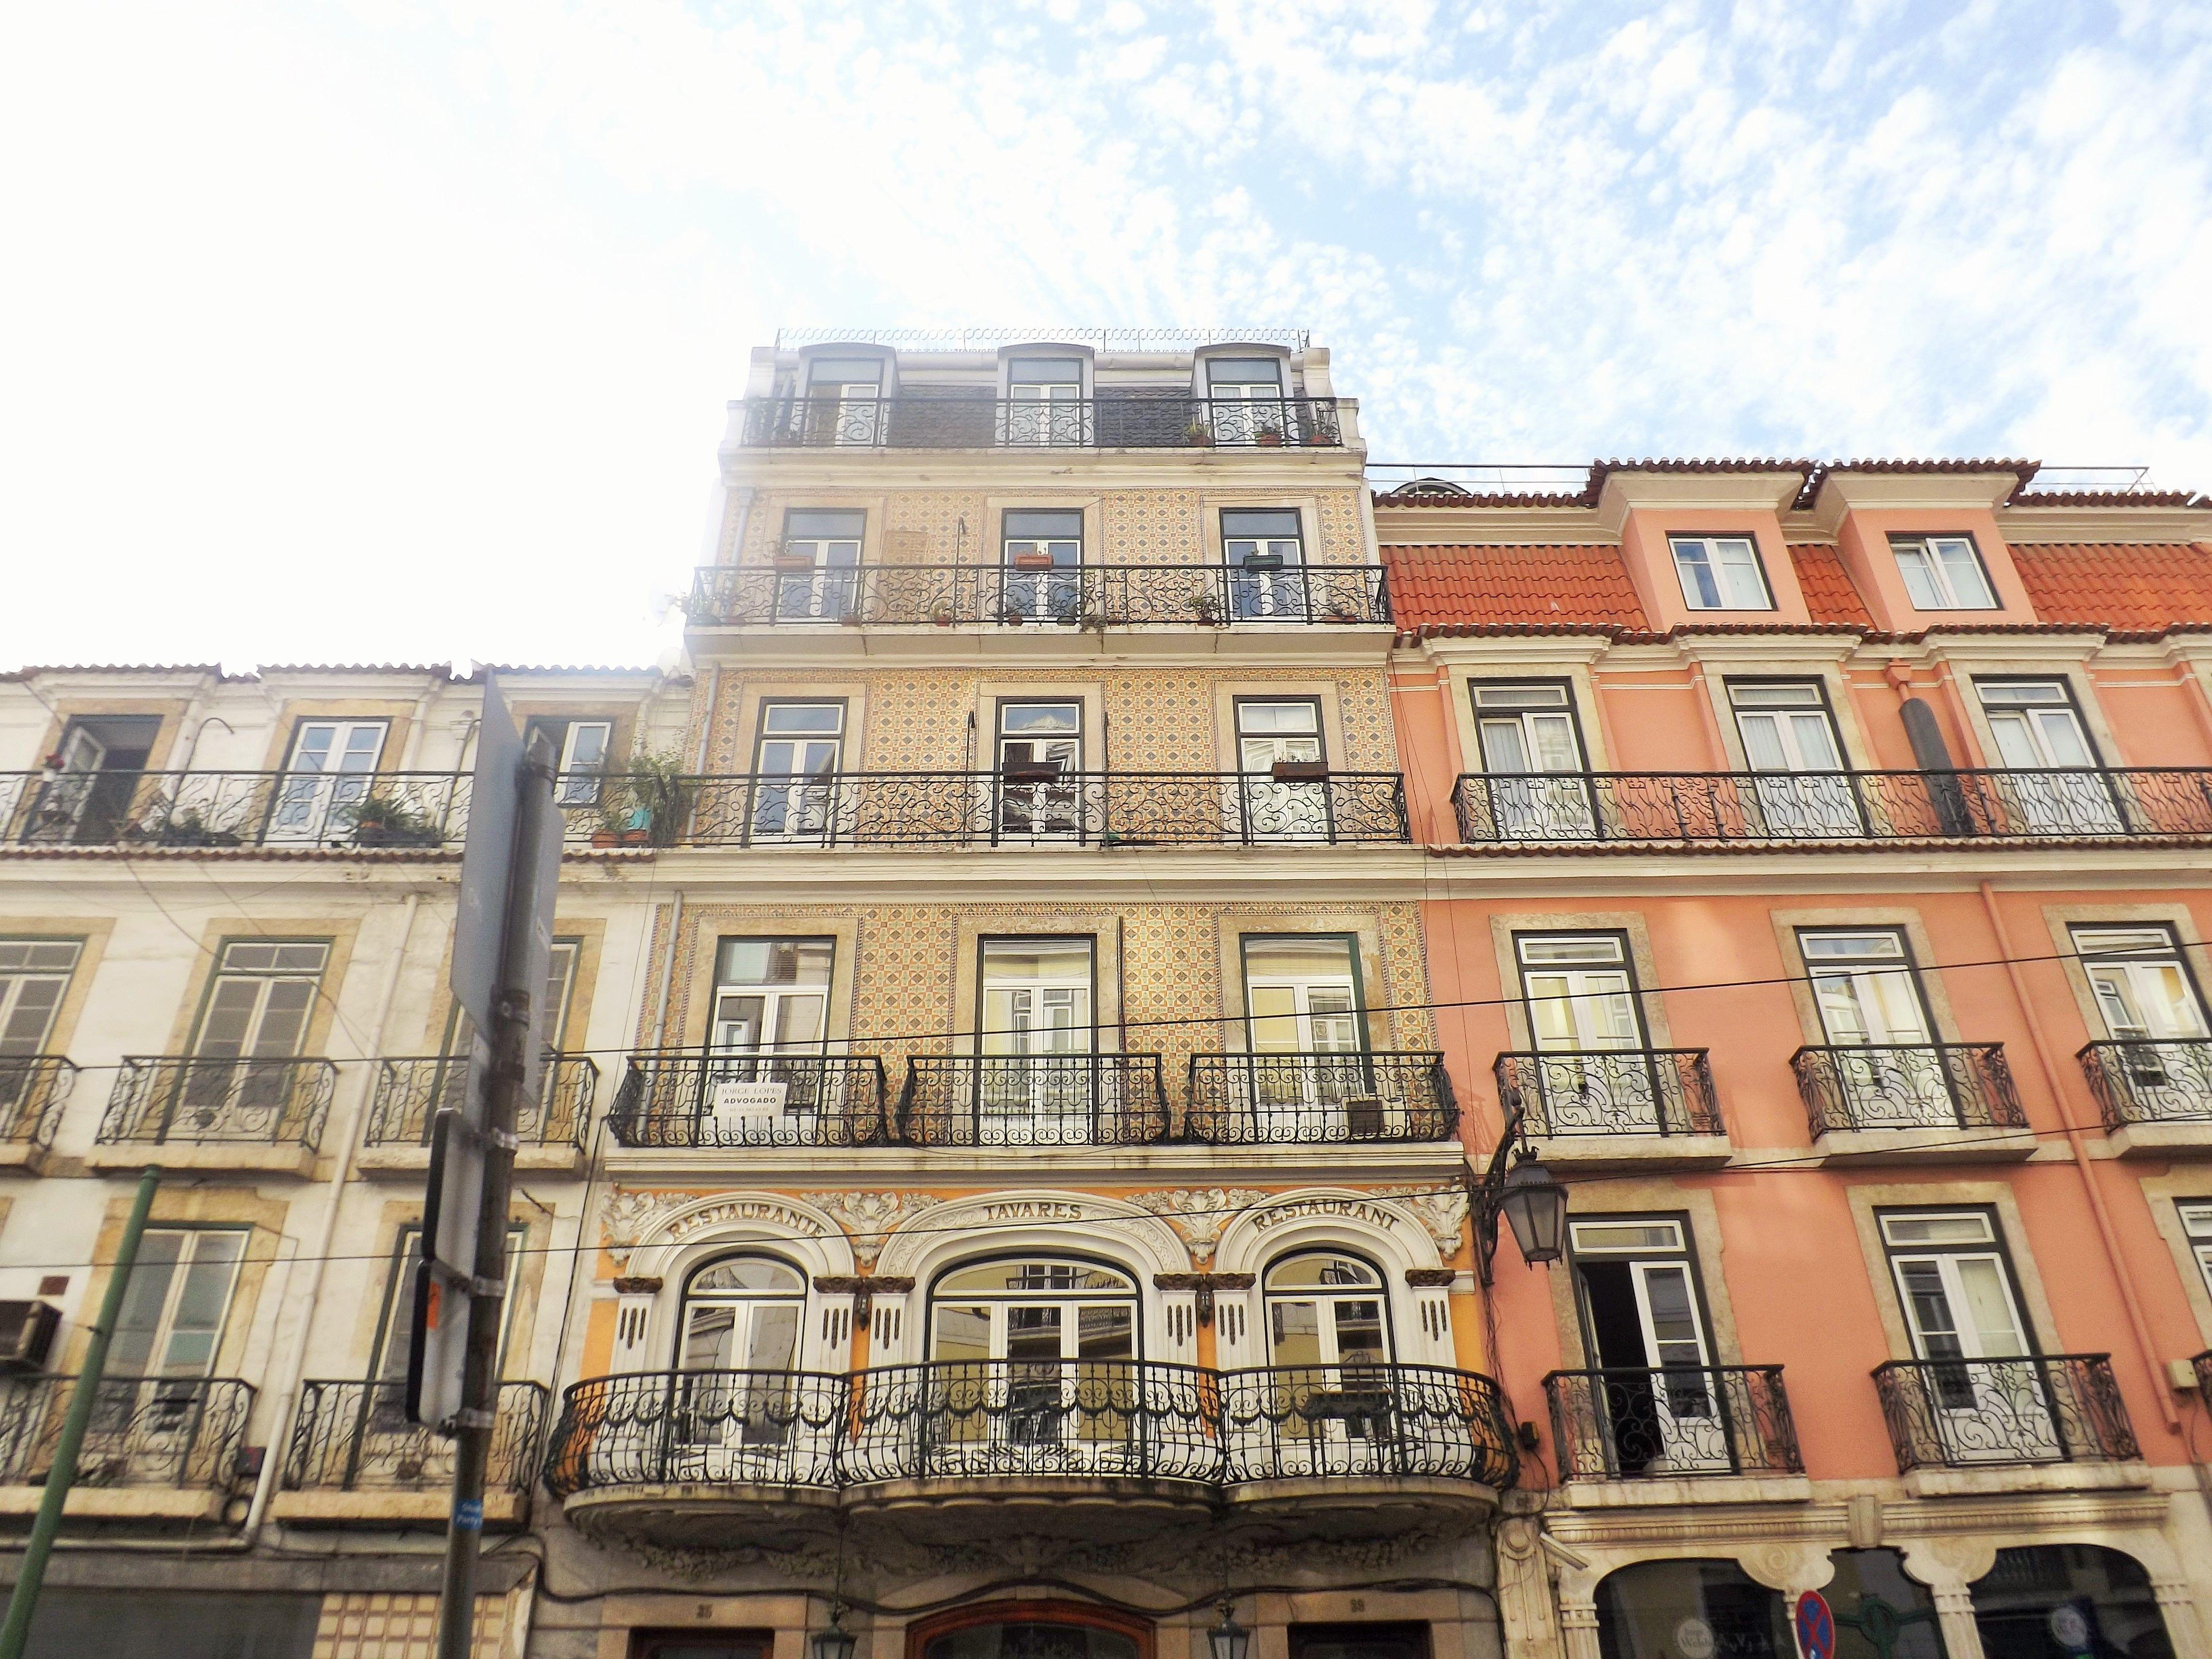 Fachadas de edifícios lisboetas, Lisboa, Portugal